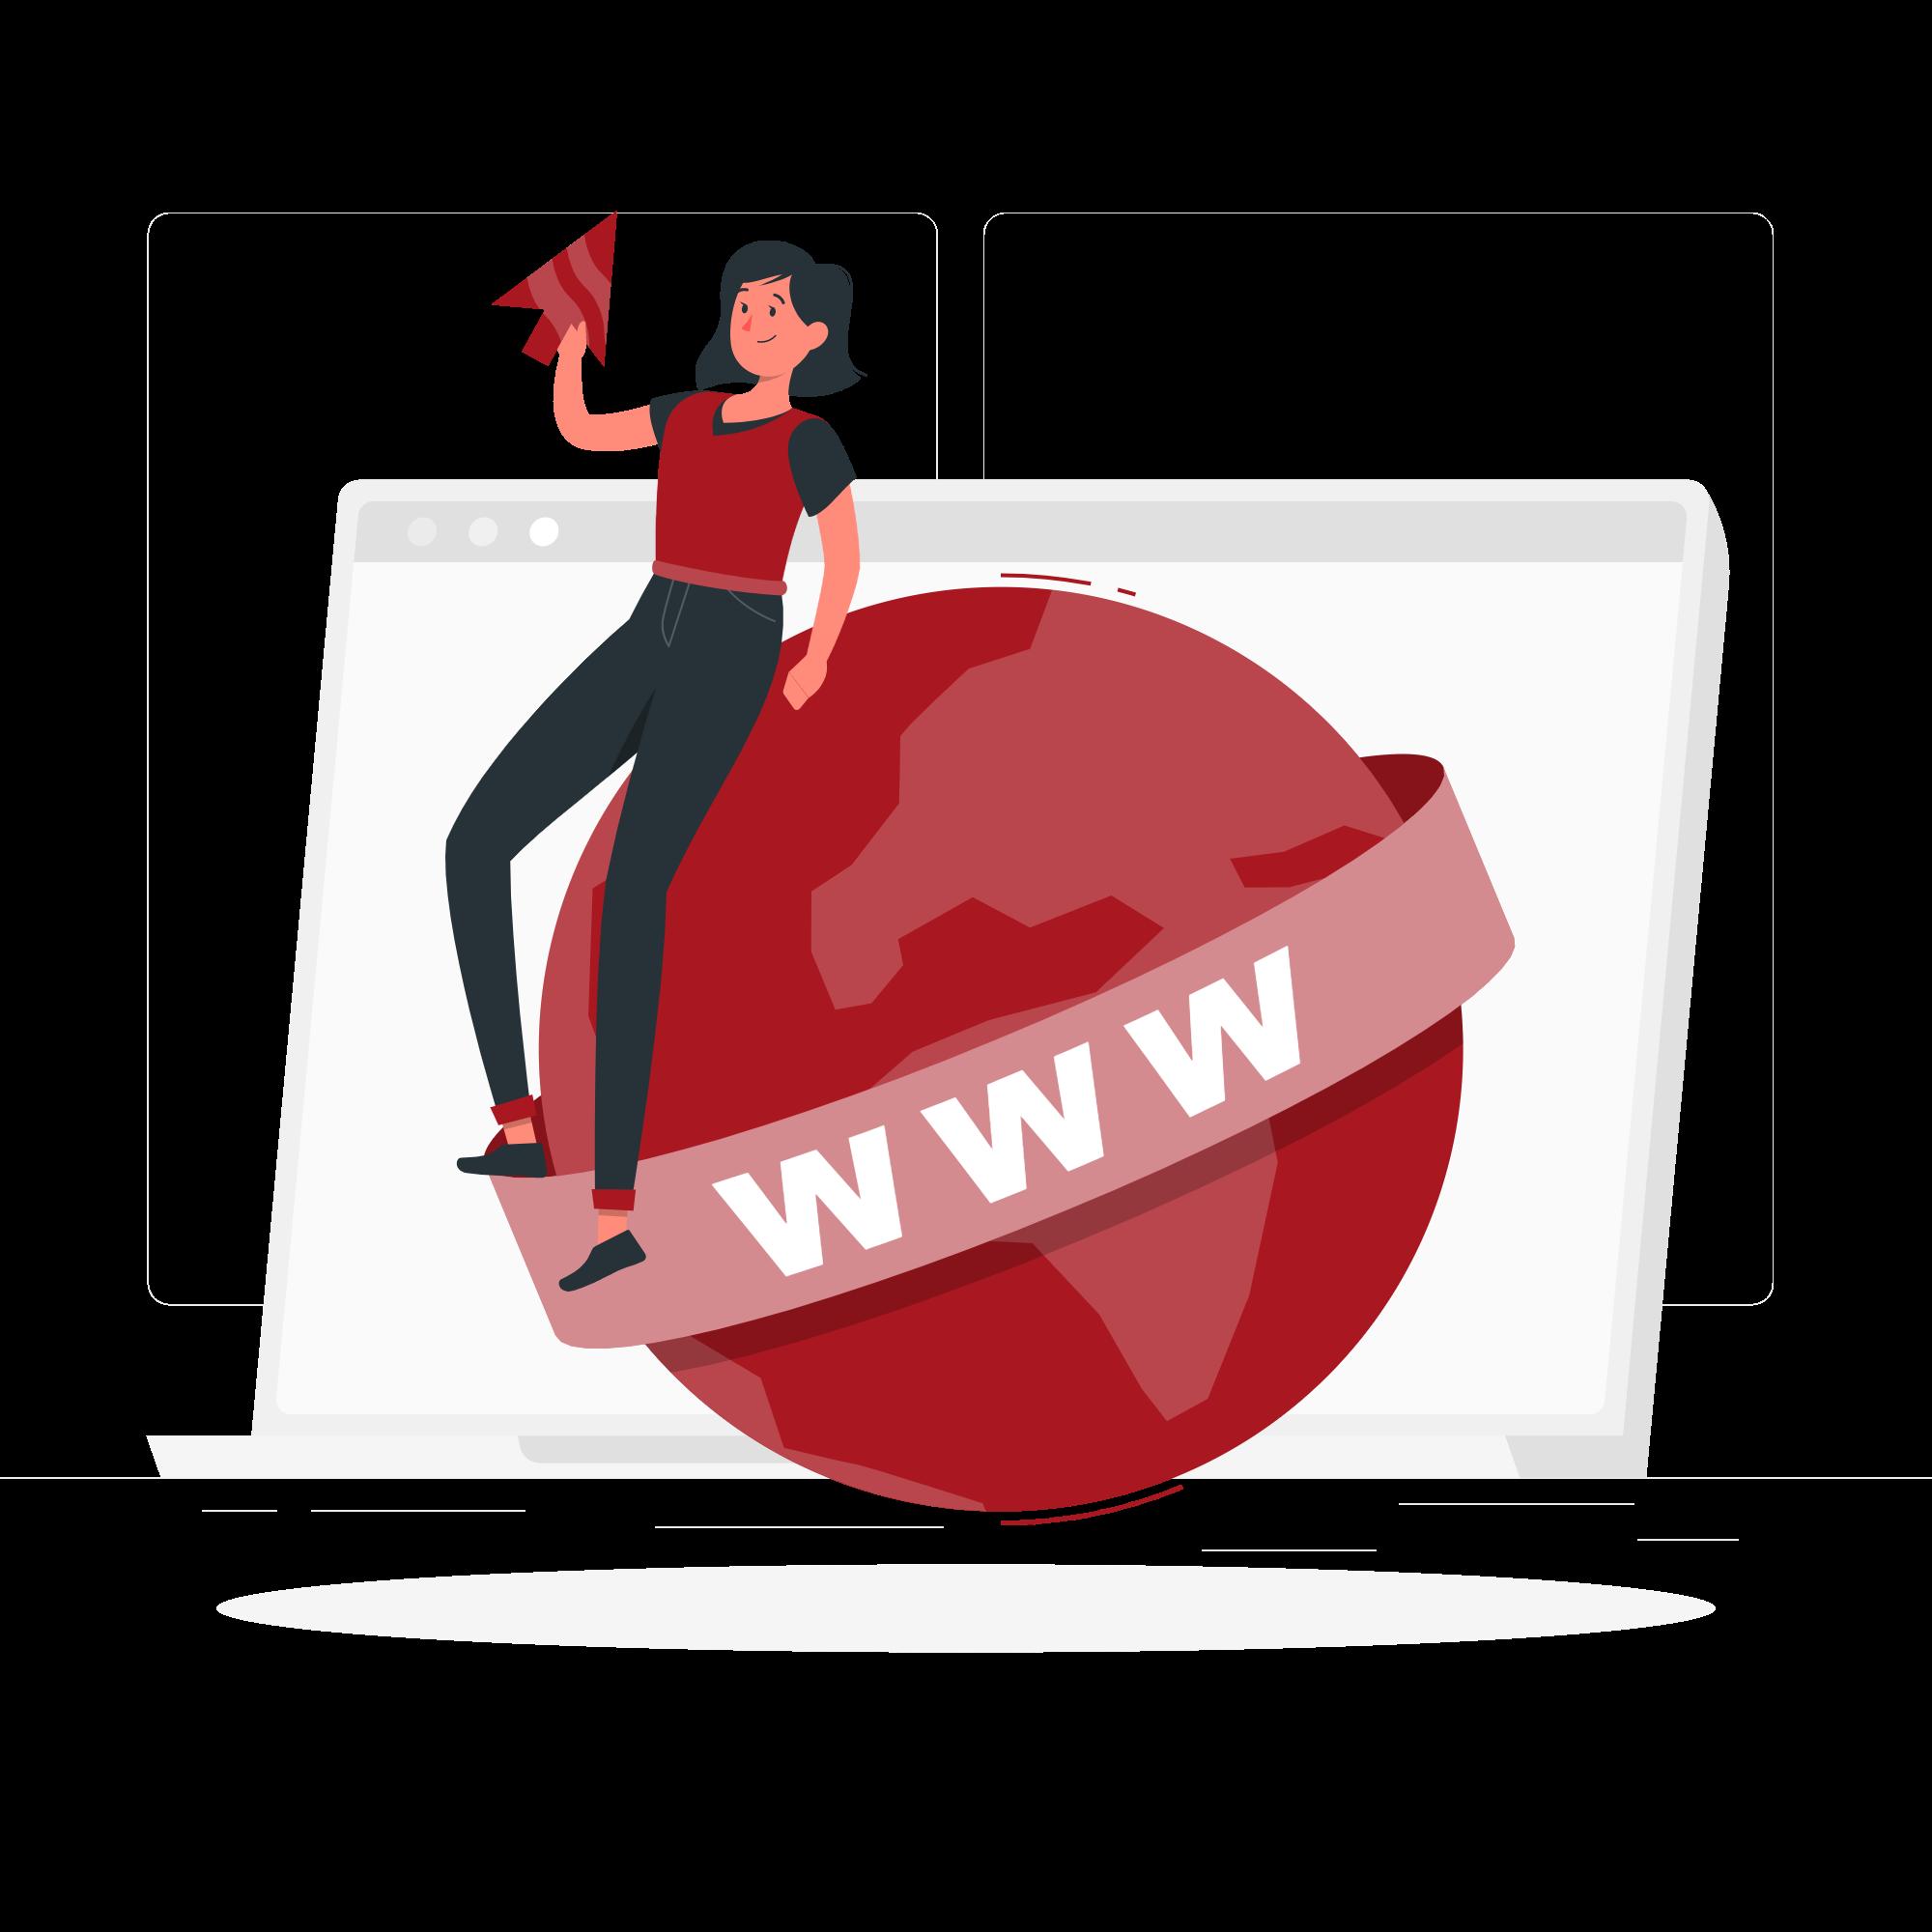 web-based